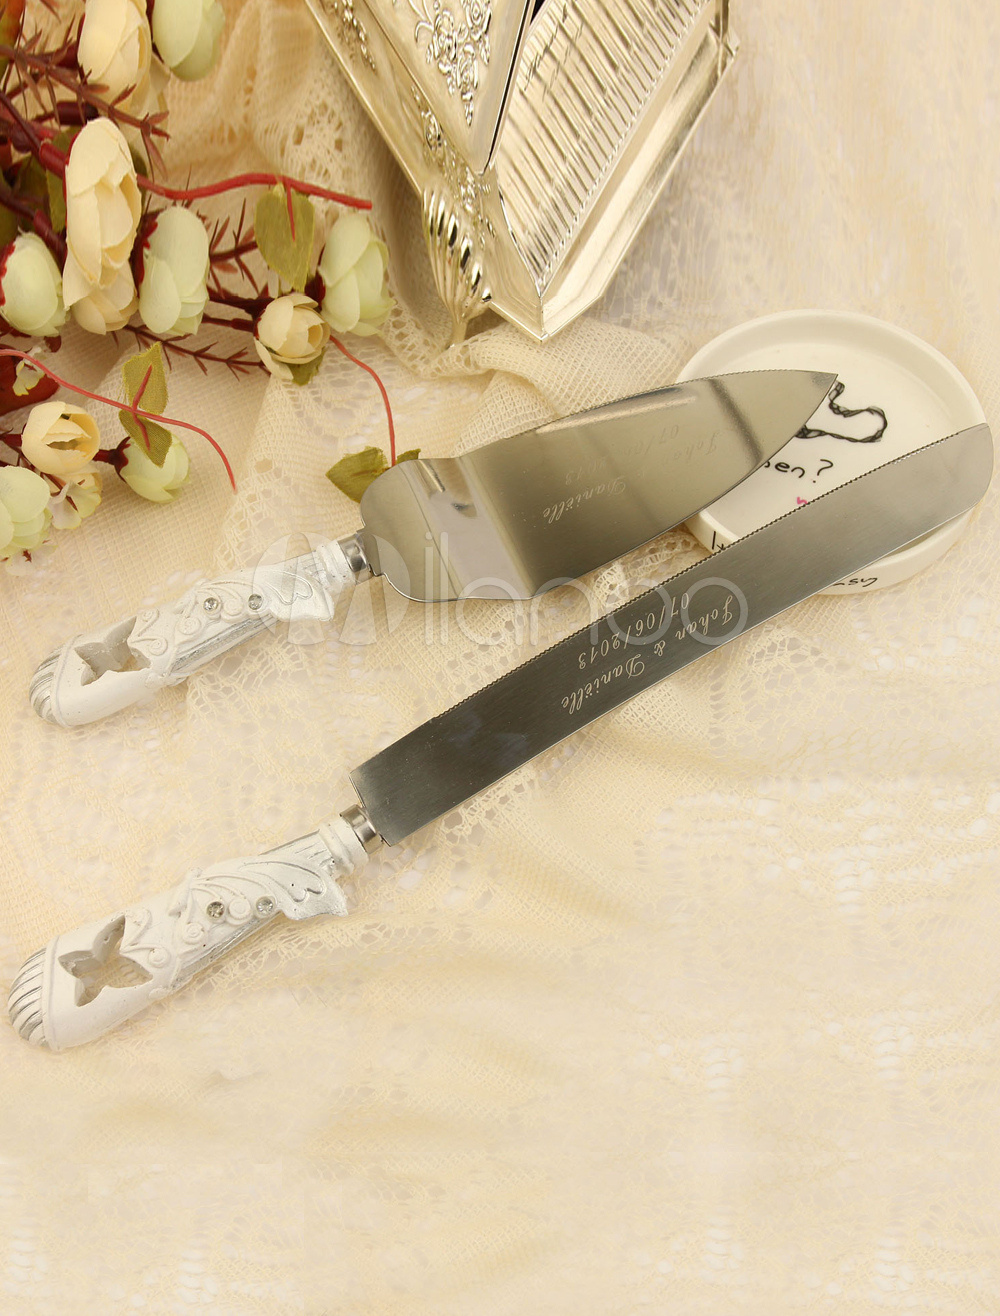 Personalized Wedding Cake Knife & Server Set